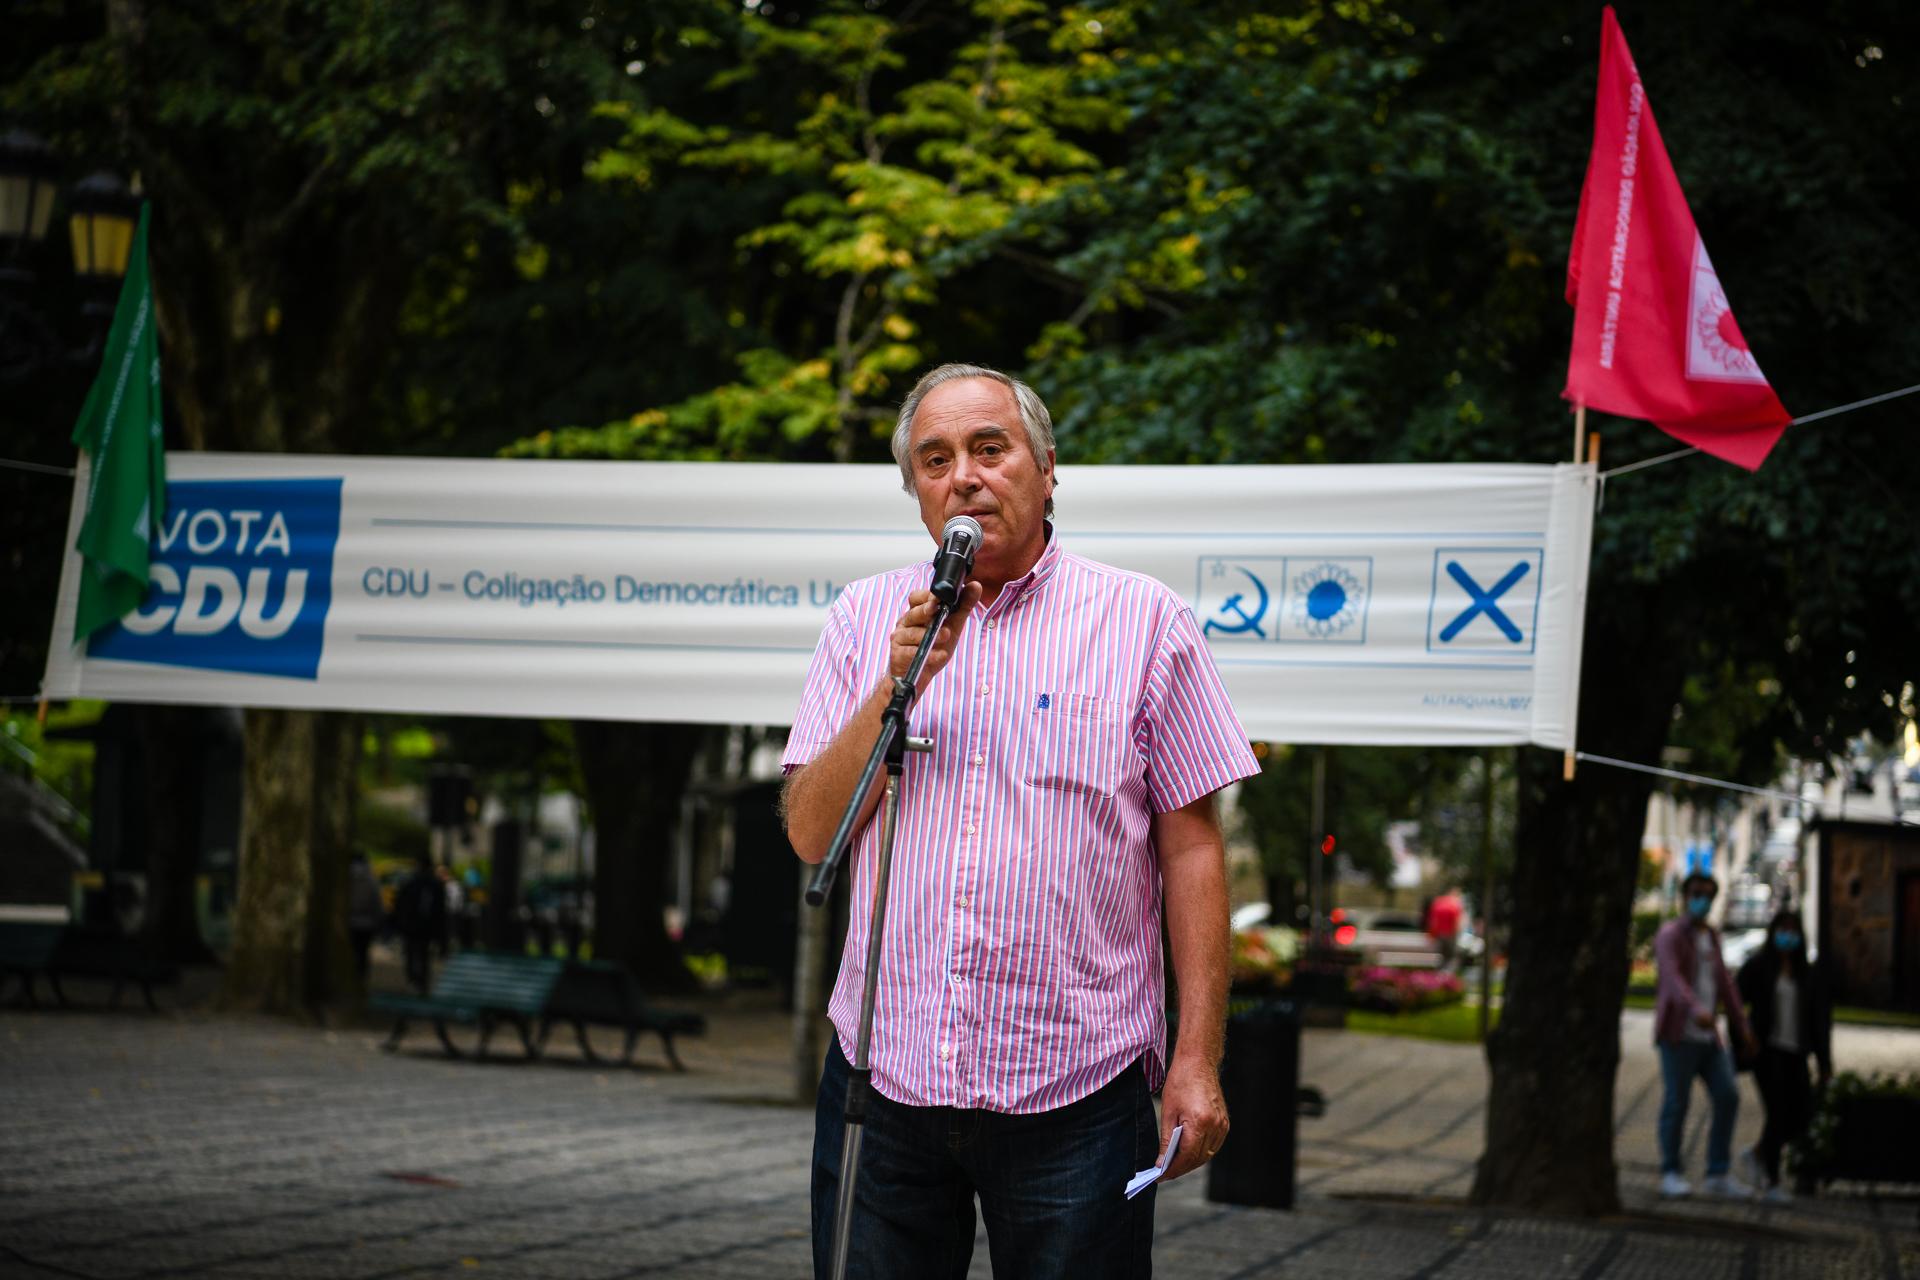 Francisco Almeida encerramento da campanha da CDU para as autárquicas